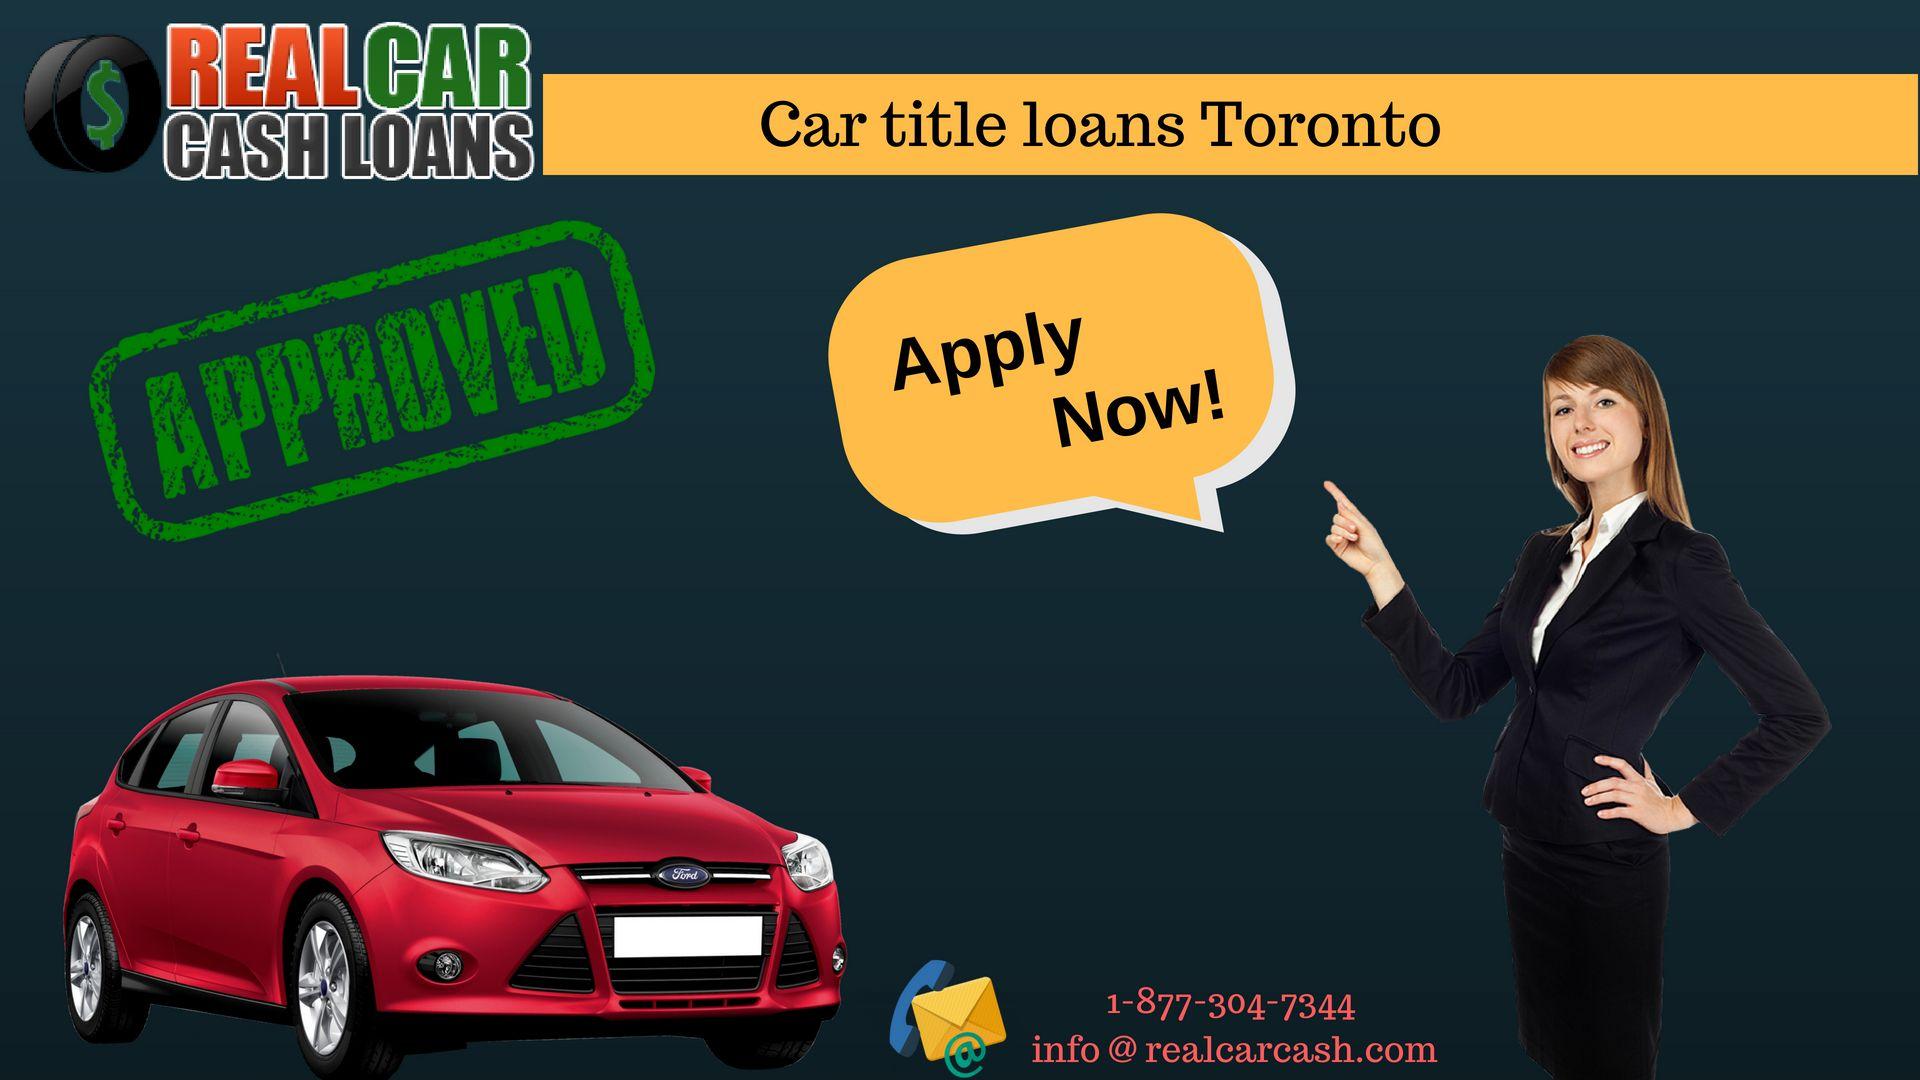 Guarantee No Credit Check Loan Car title, No credit